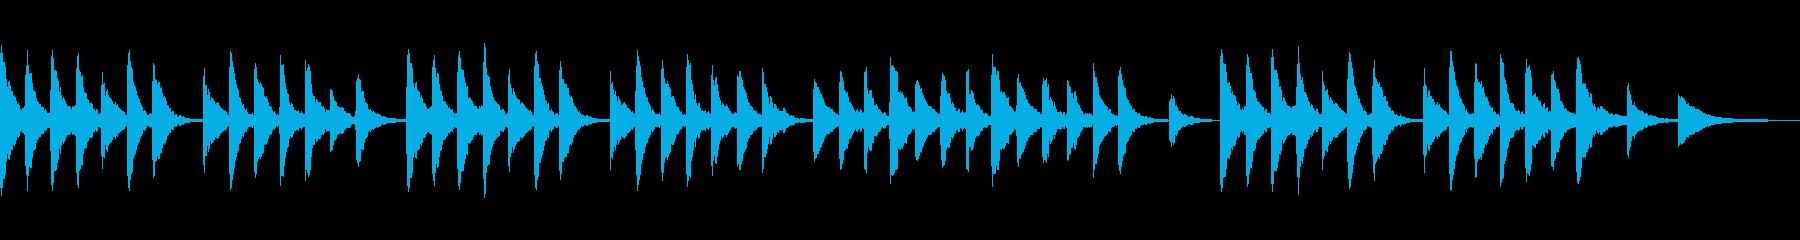 滅び 物語の終末の後 ローファイピアノの再生済みの波形